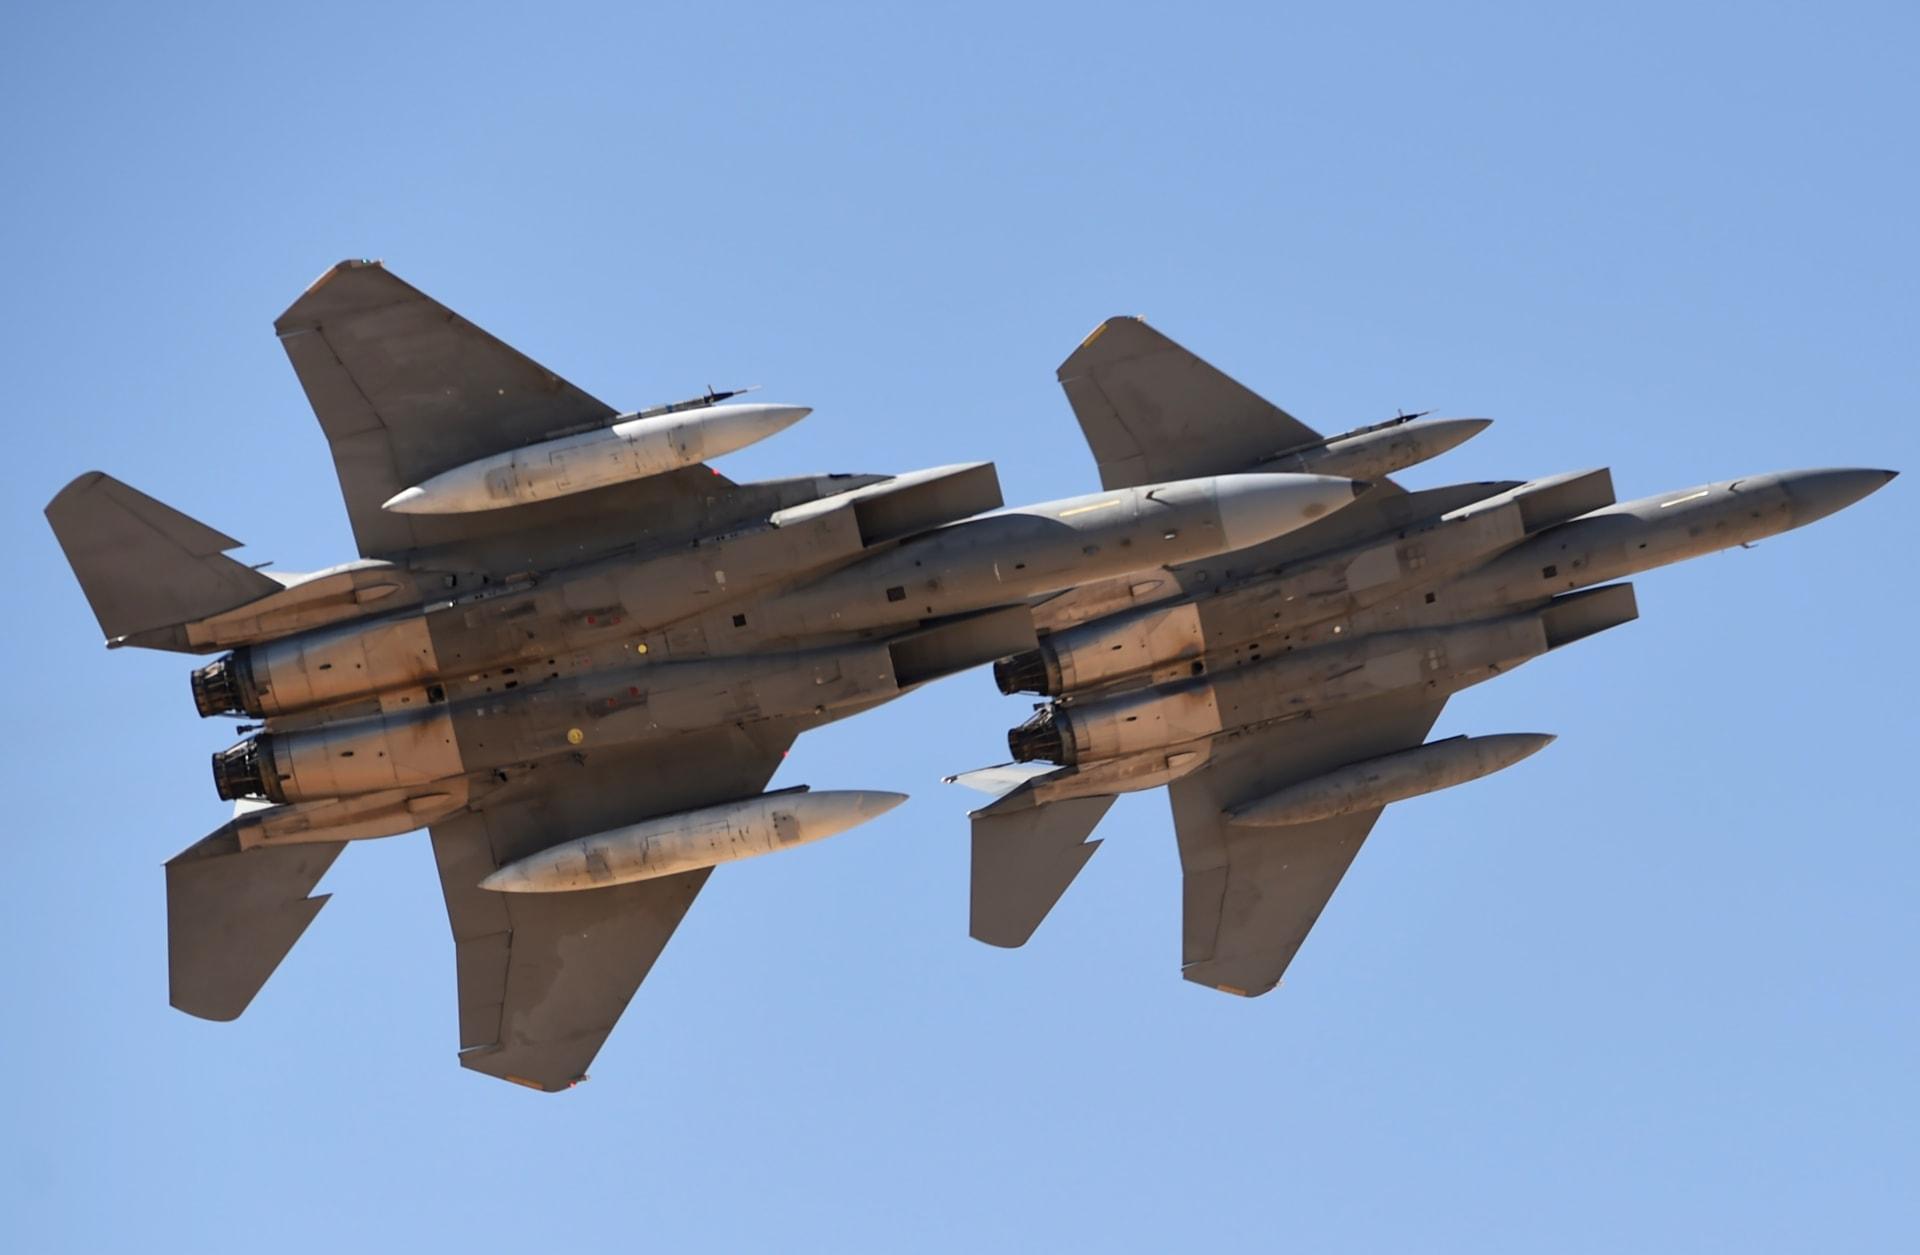 """الجيش السعودي يطلق مناورات """"رماح النصر"""" الجوية الأولى من نوعها"""